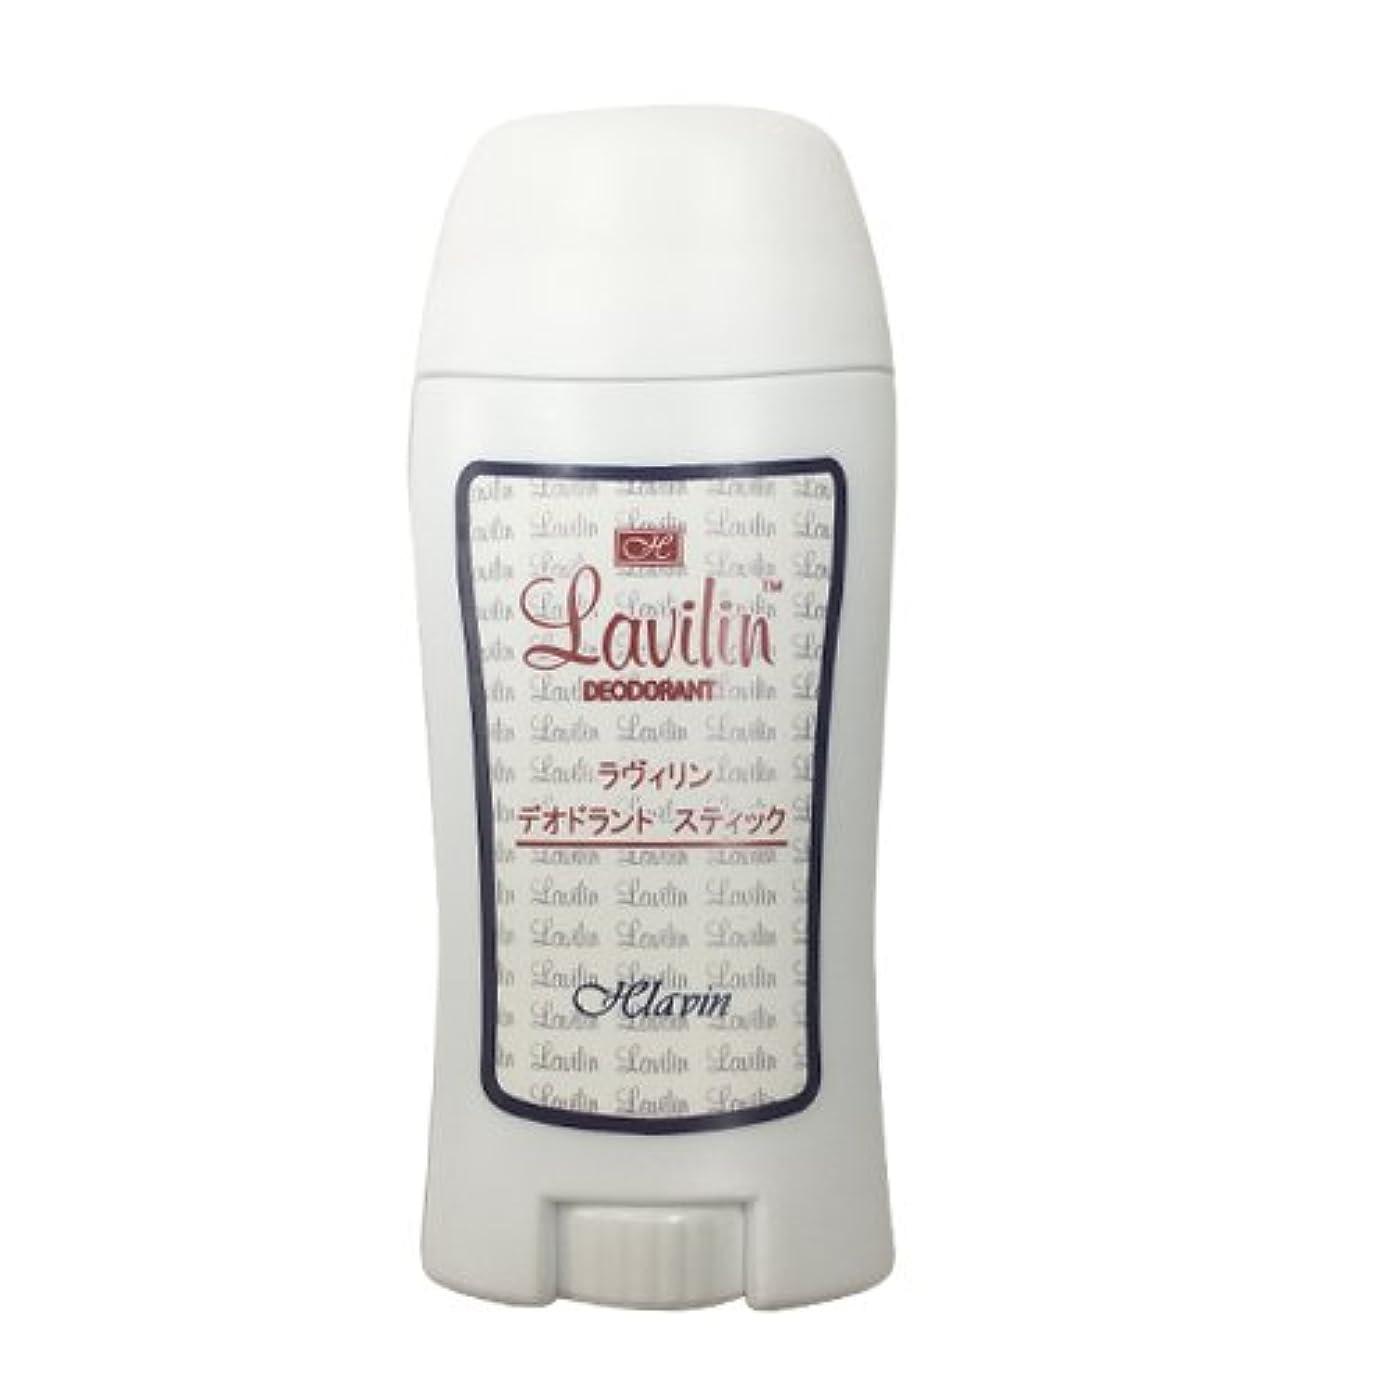 クラックポットリール首ラヴィリン デオドラント スティック (Lavilin deodorant stick) 60ml